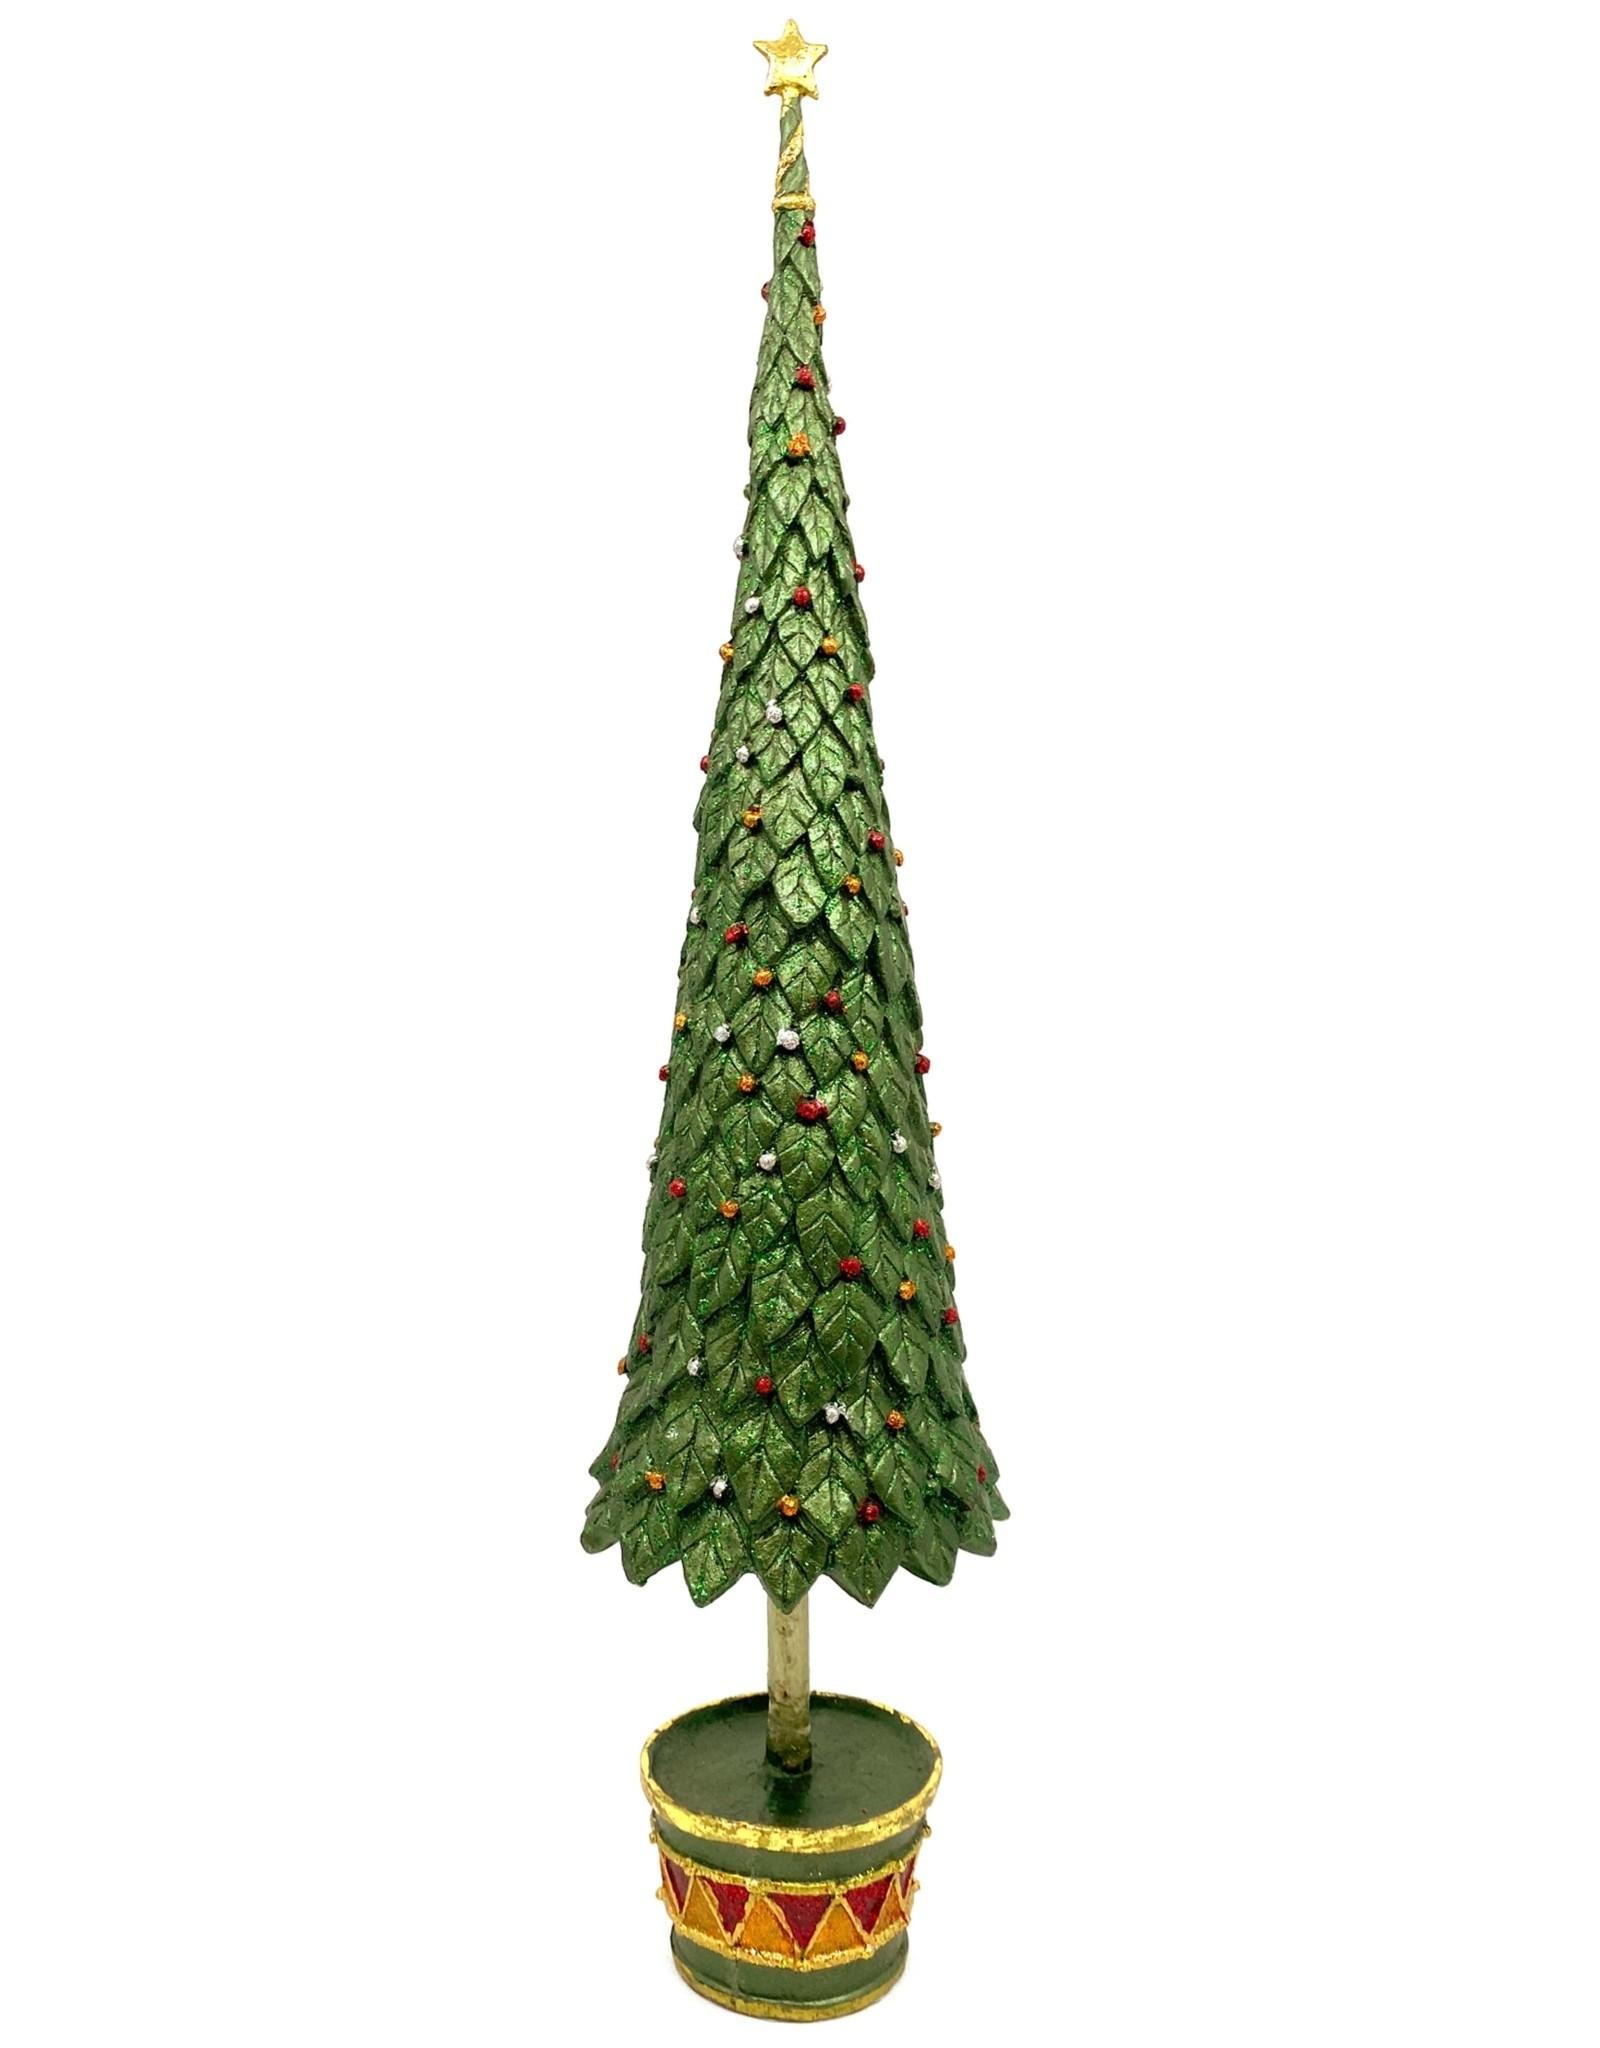 DEKORASYON LARGE NEO HOLLY TOPIARY TREE